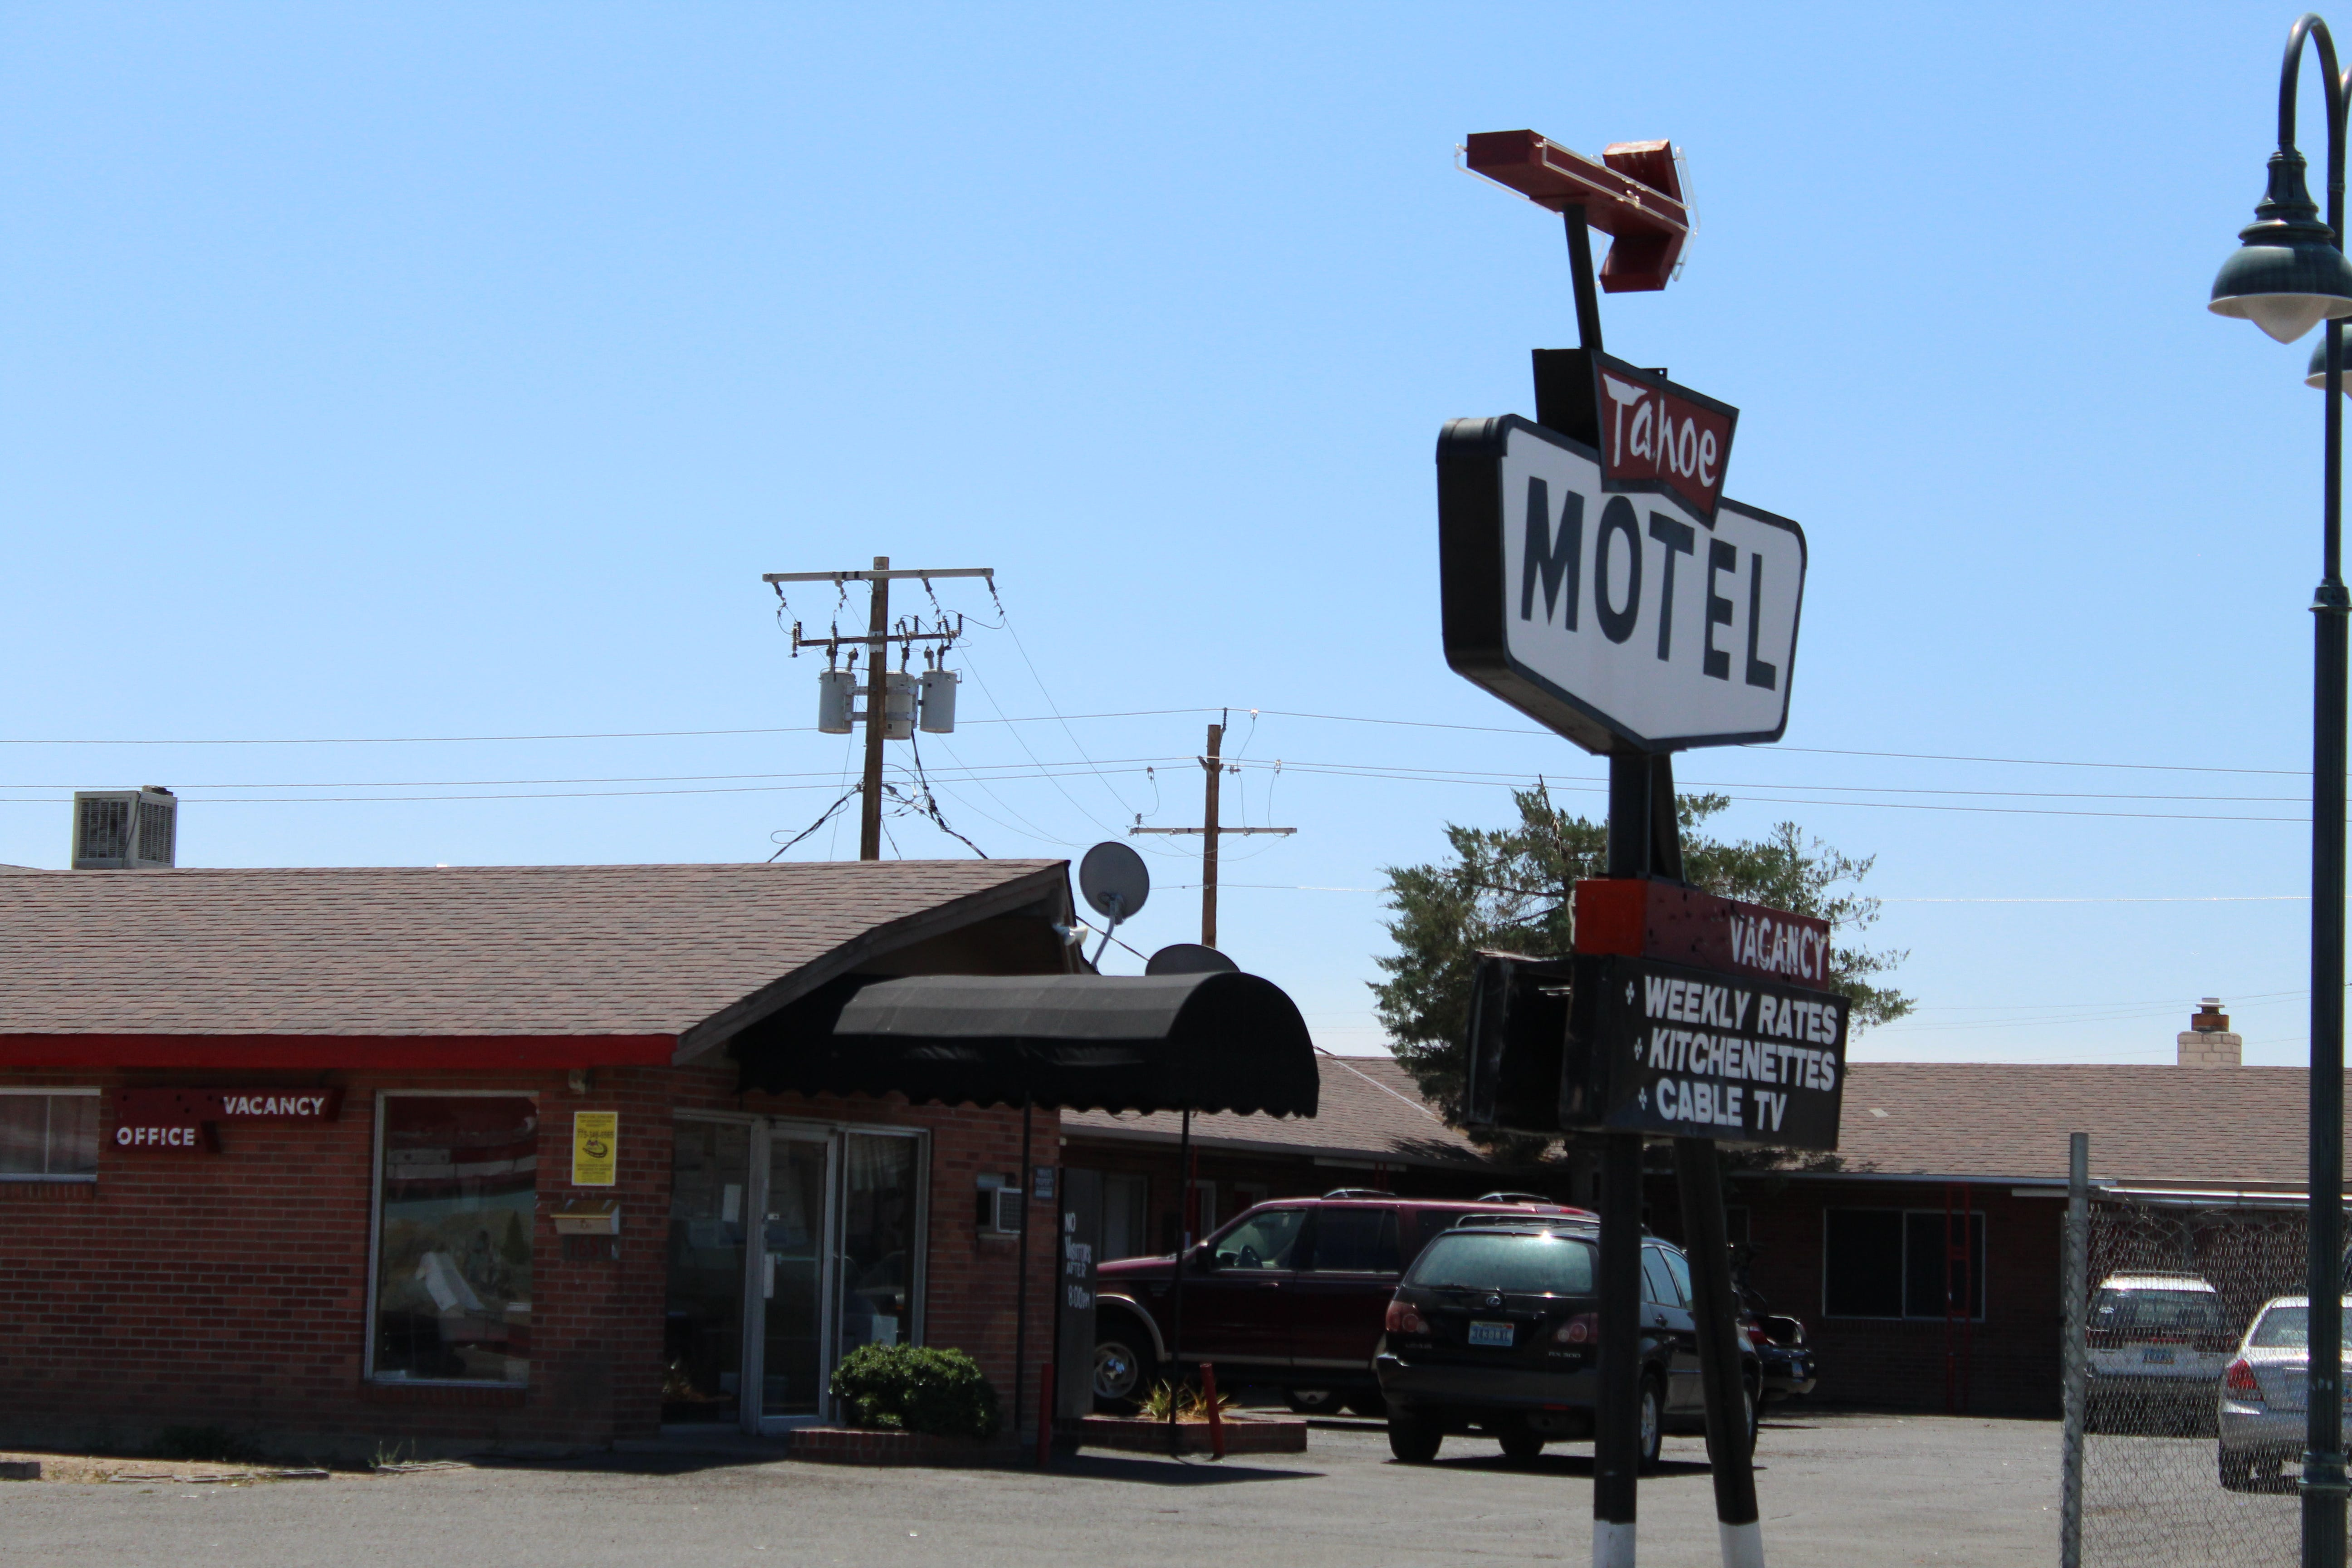 Tahoe Motel on E. 4th Street. Photo taken on July 21, 2021.